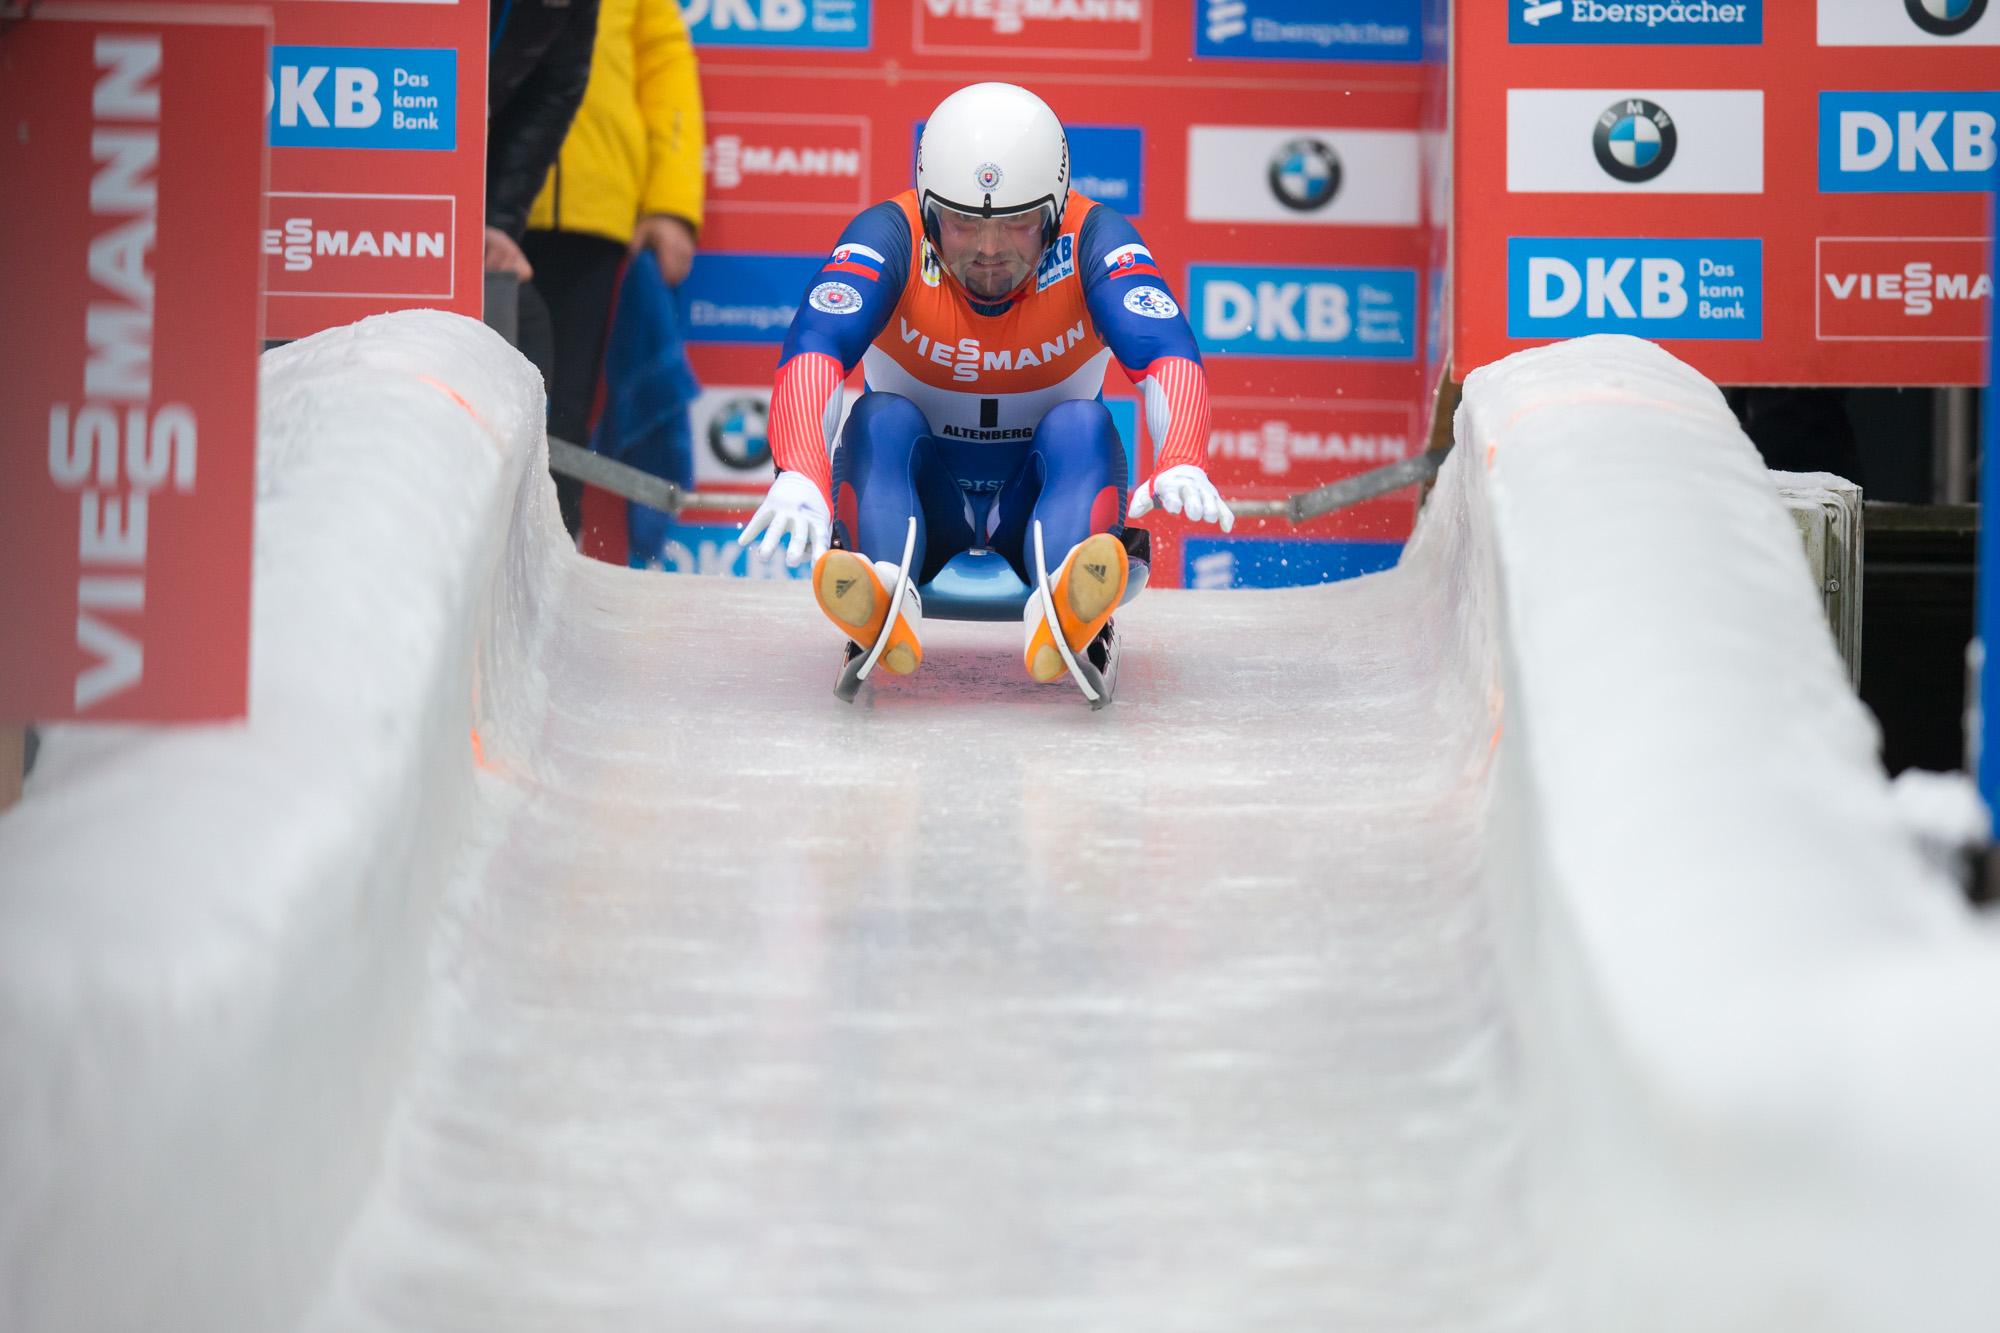 Weltcup_rennrodeln_2017-12